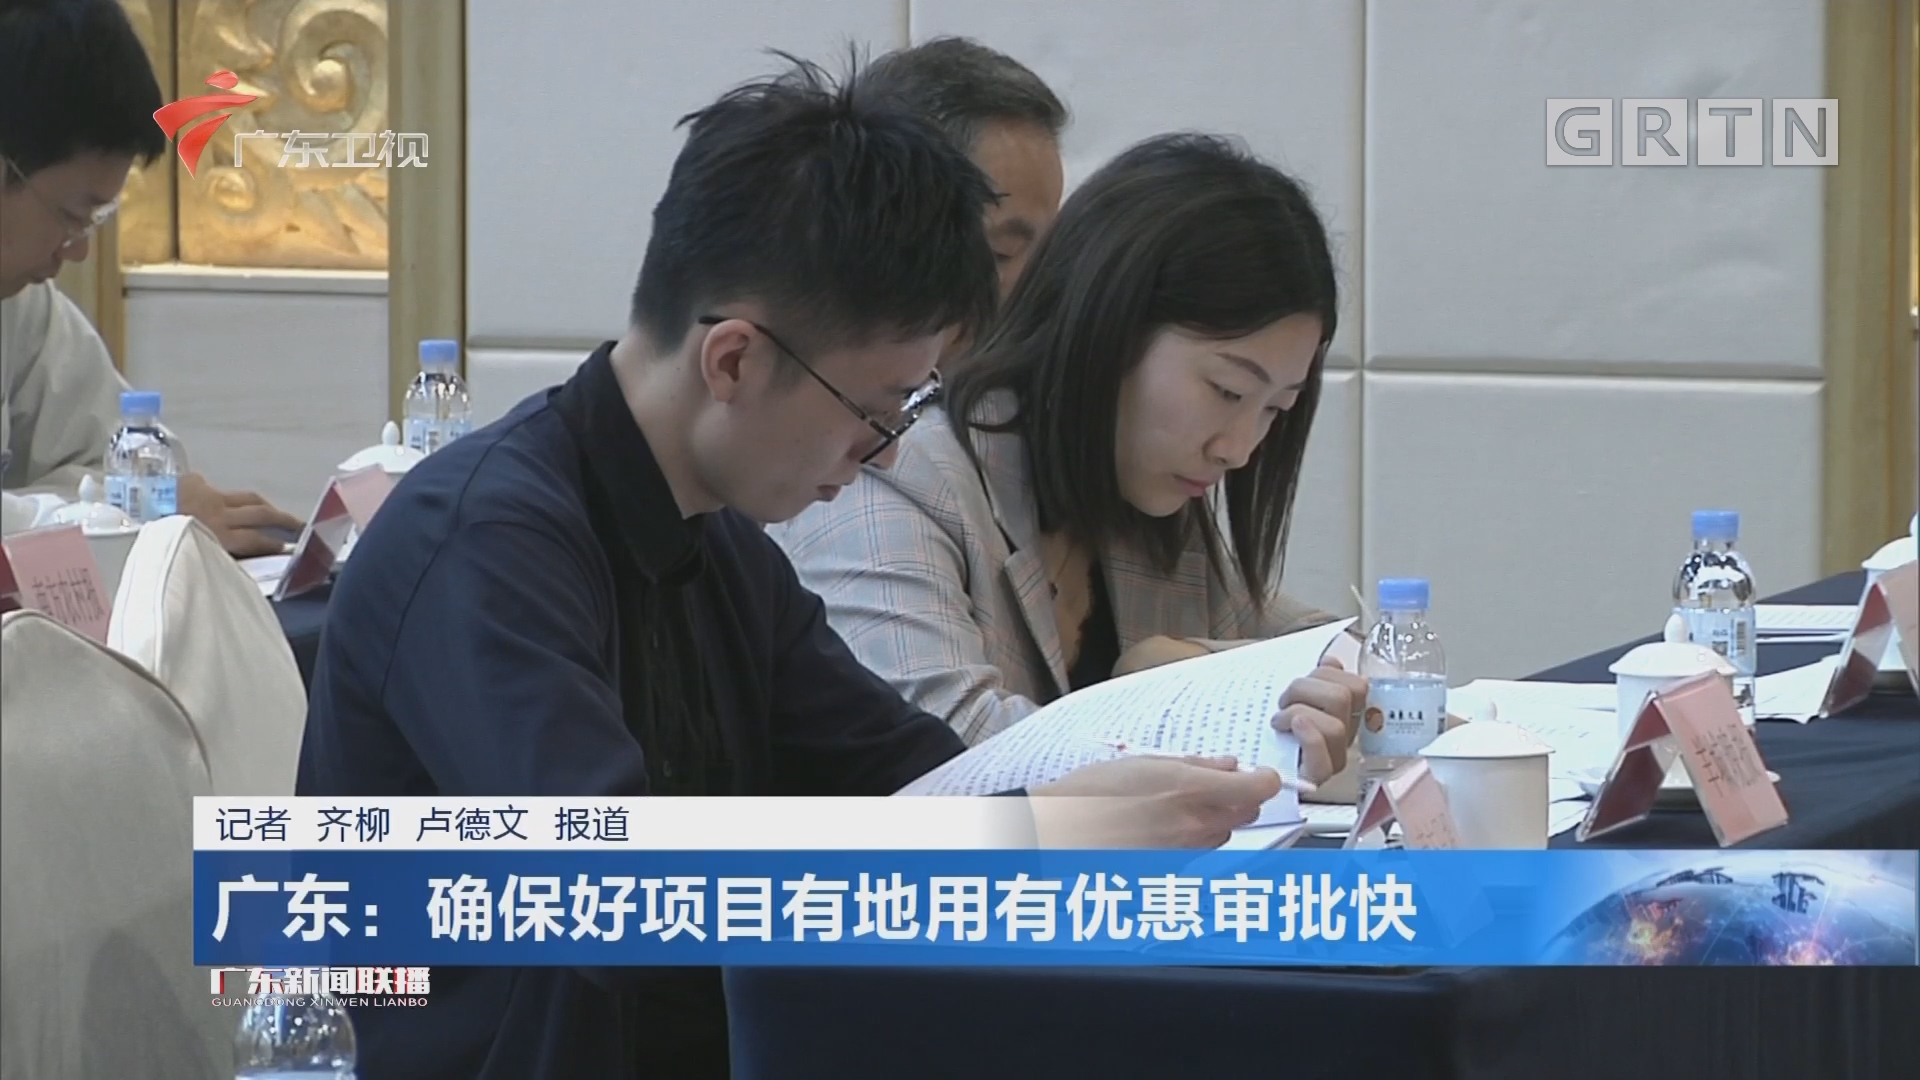 广东:确保好项目有地用有优惠审批快